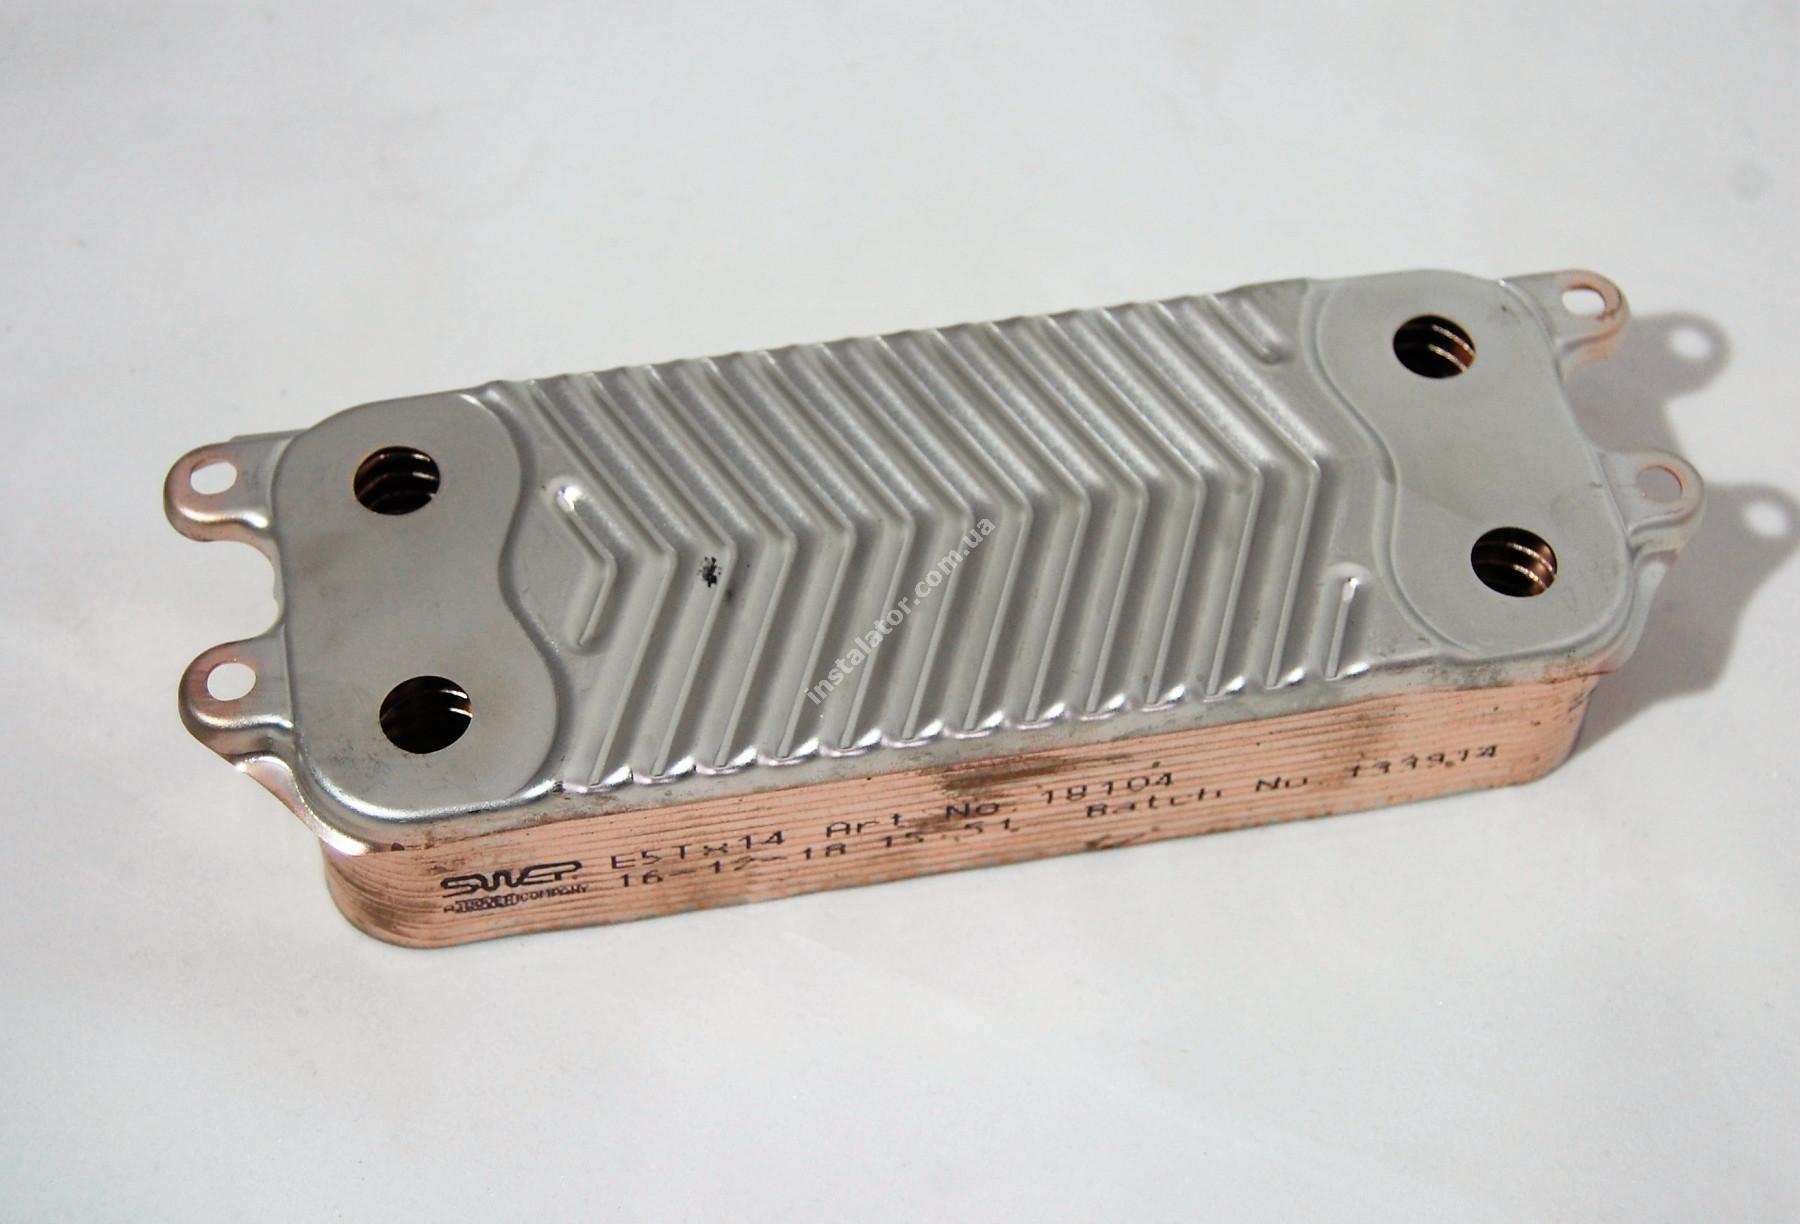 Теплообмінник ГВП з вушками VAILLANT TEC PRO, PLUS, R1 14 пластин full-image-1